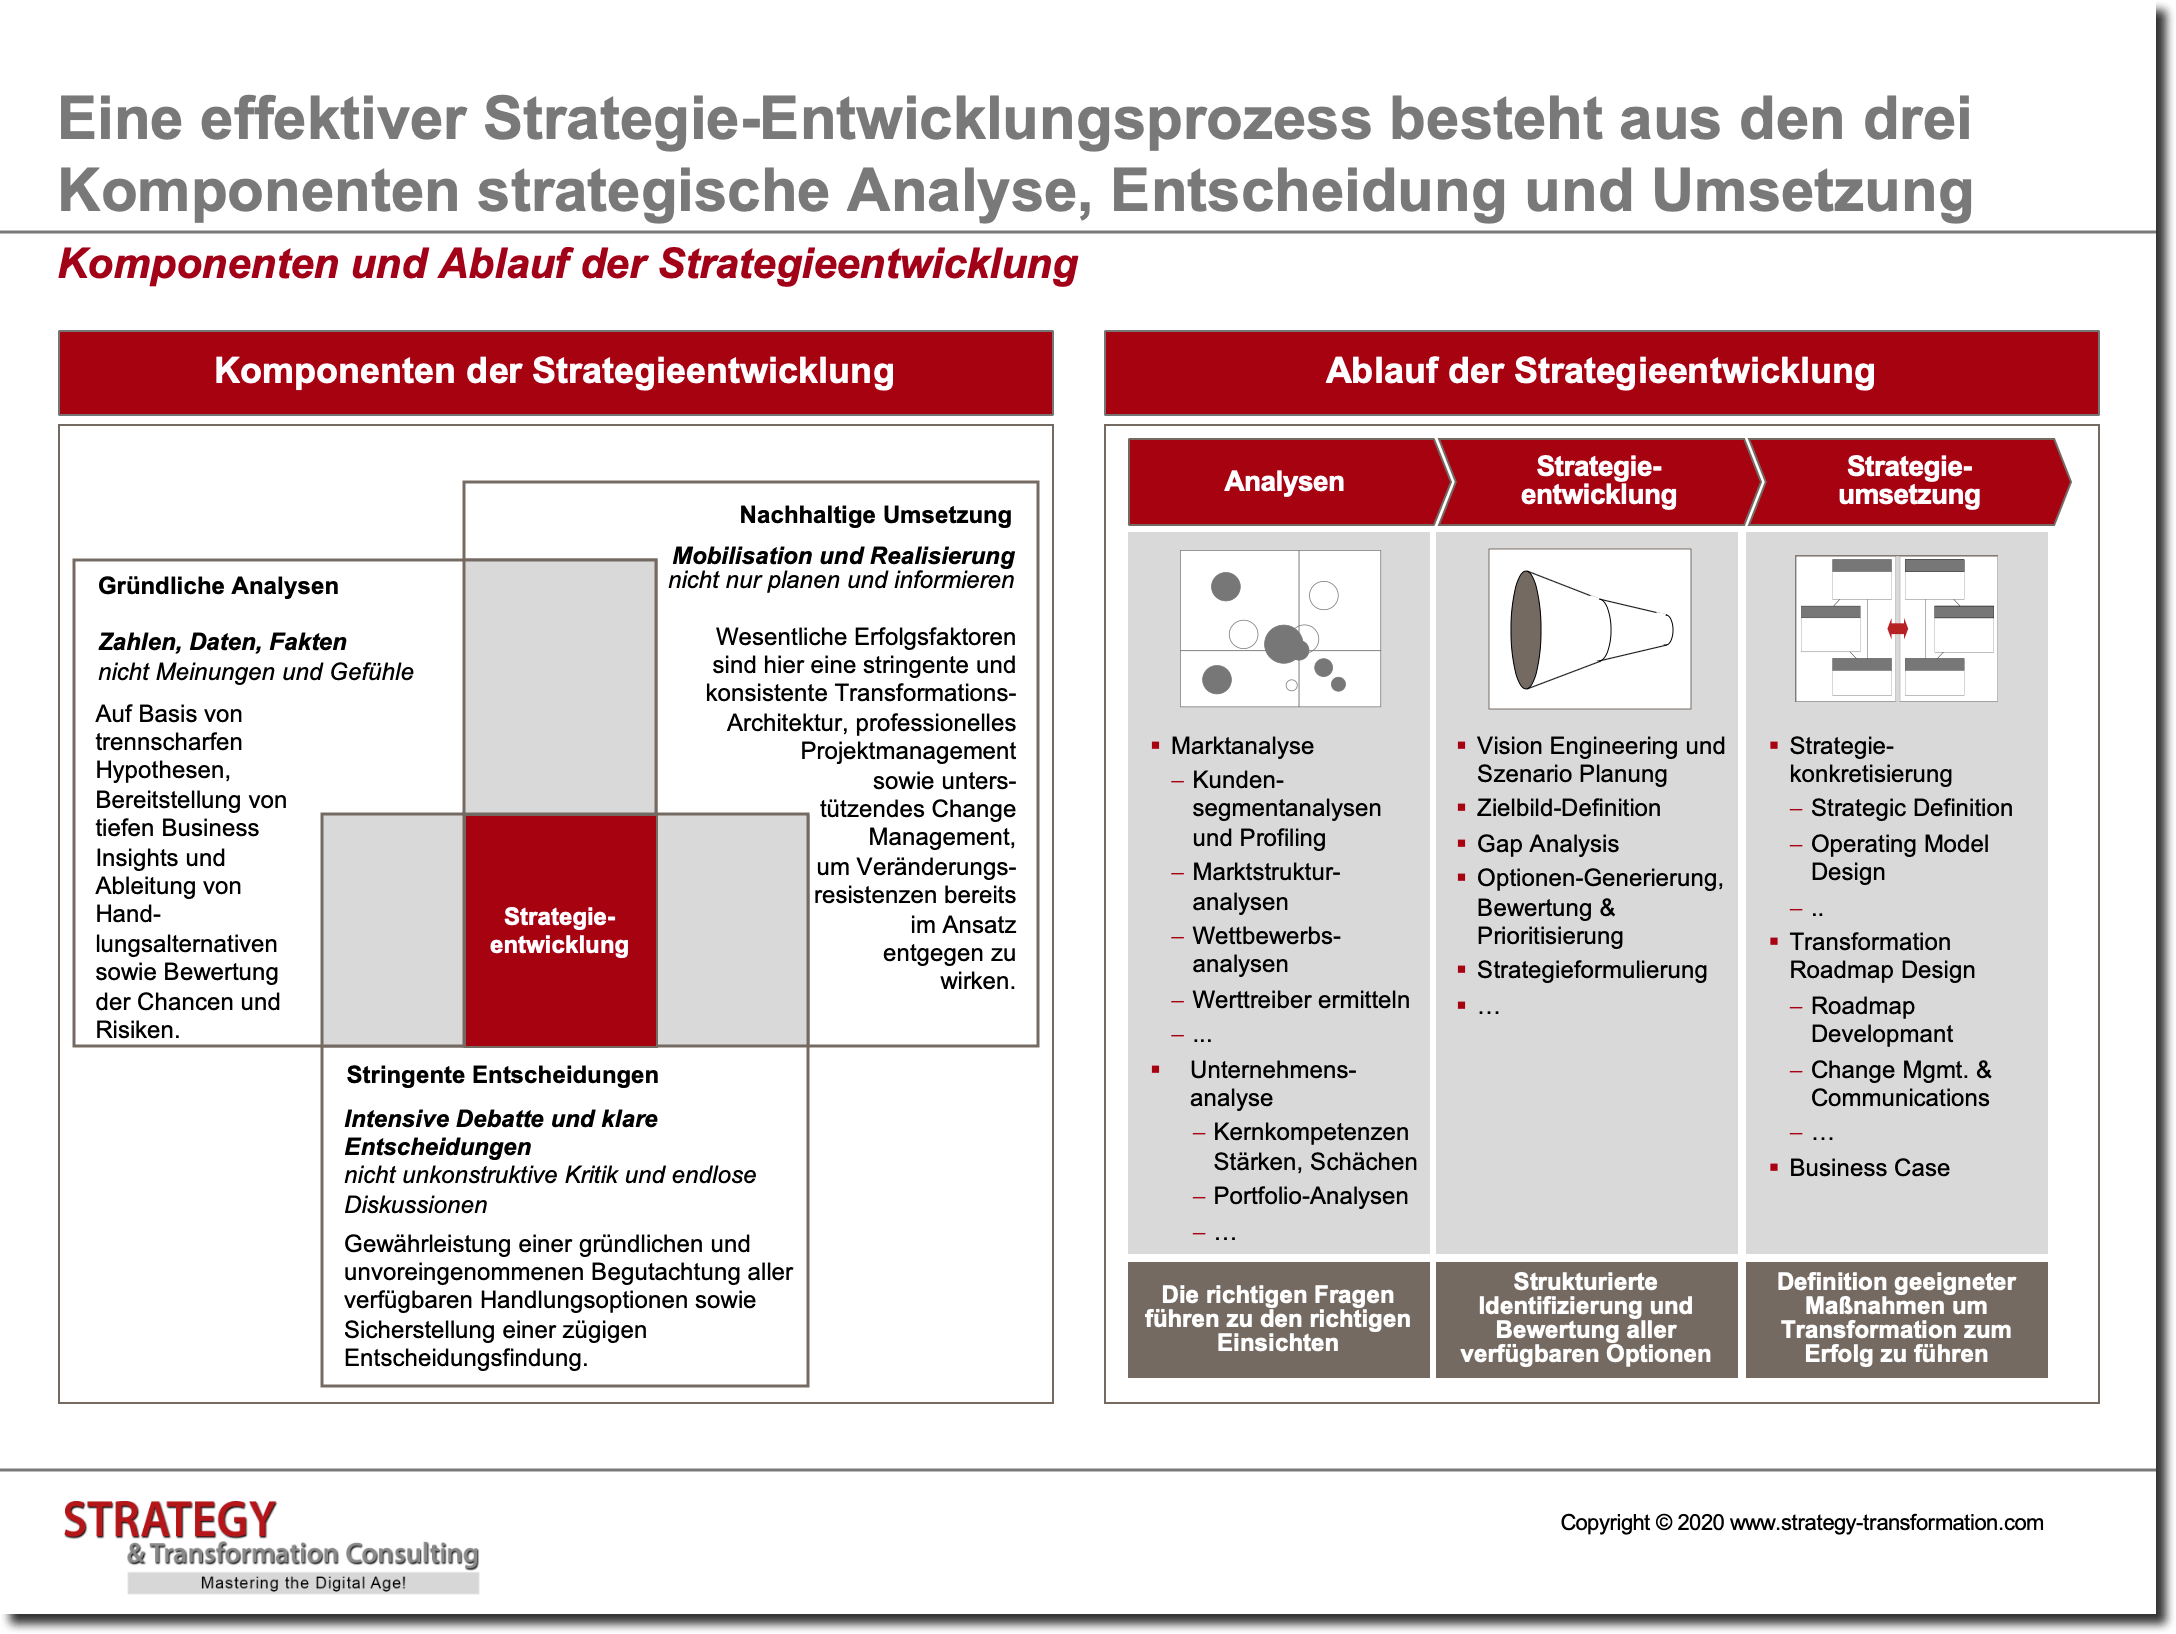 Komponenten und Ablauf der Strategieentwicklung